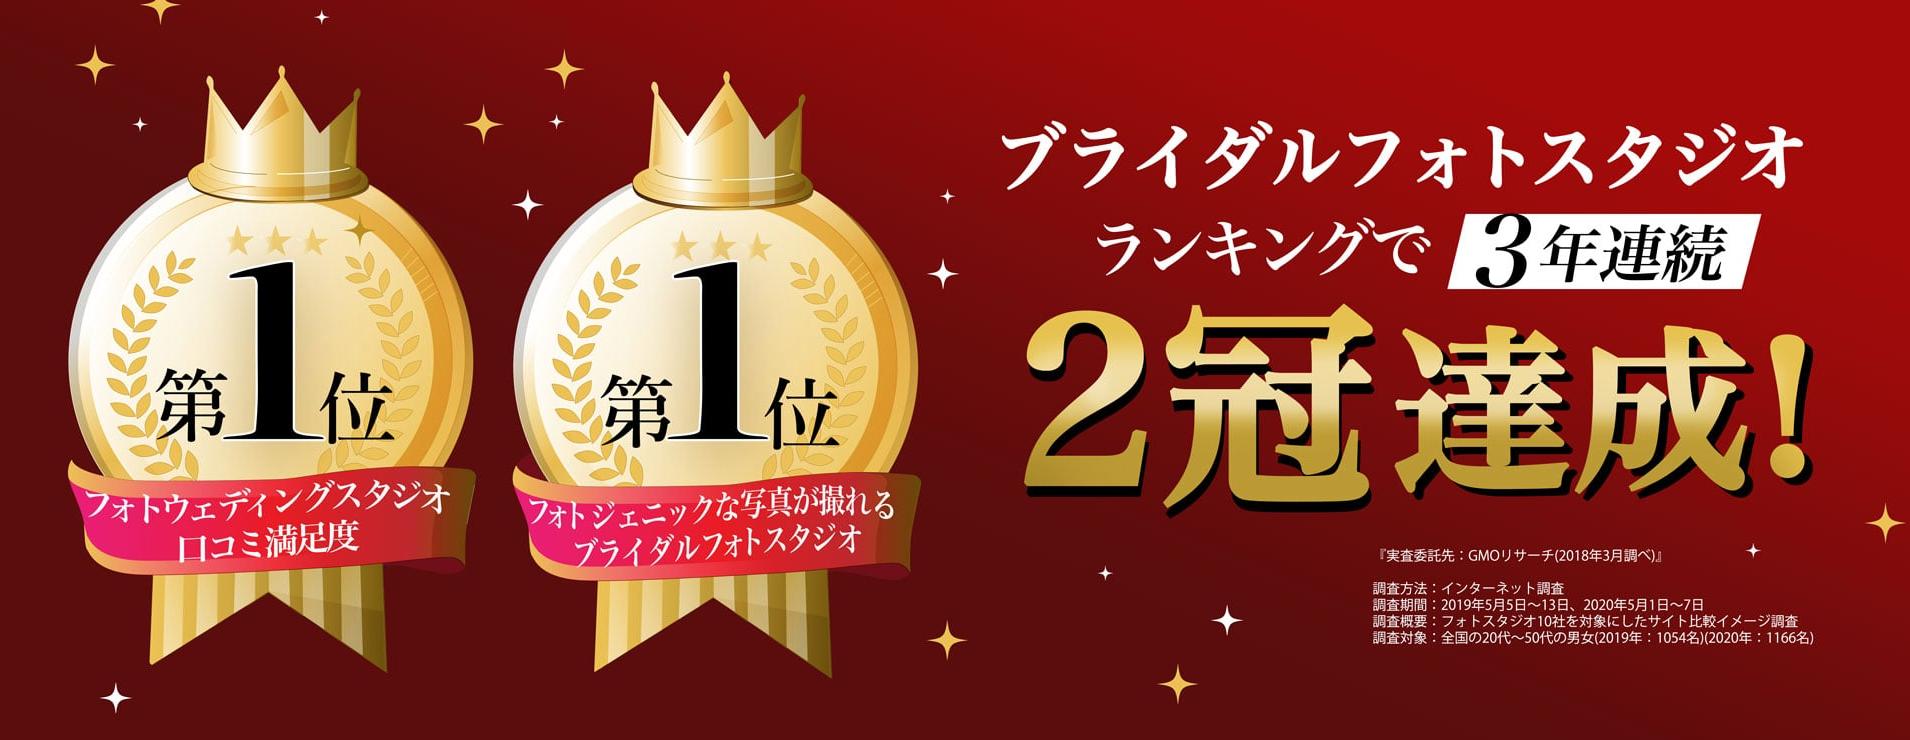 ブライダルフォトスタジオ2冠達成!